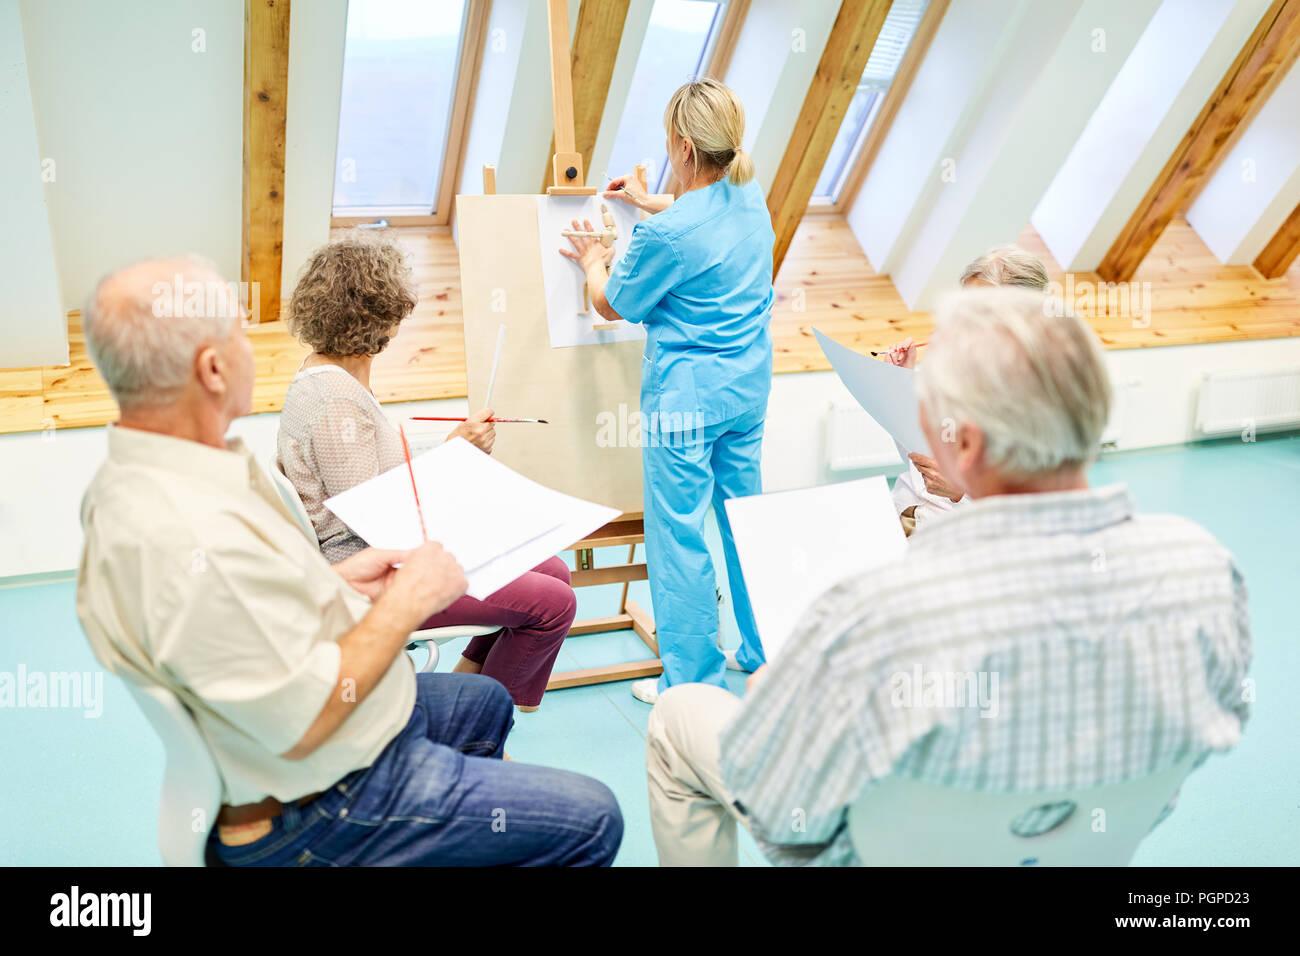 Betreuer Und Dementen Senioren In Kreativen Zeichnen Kurs In Der